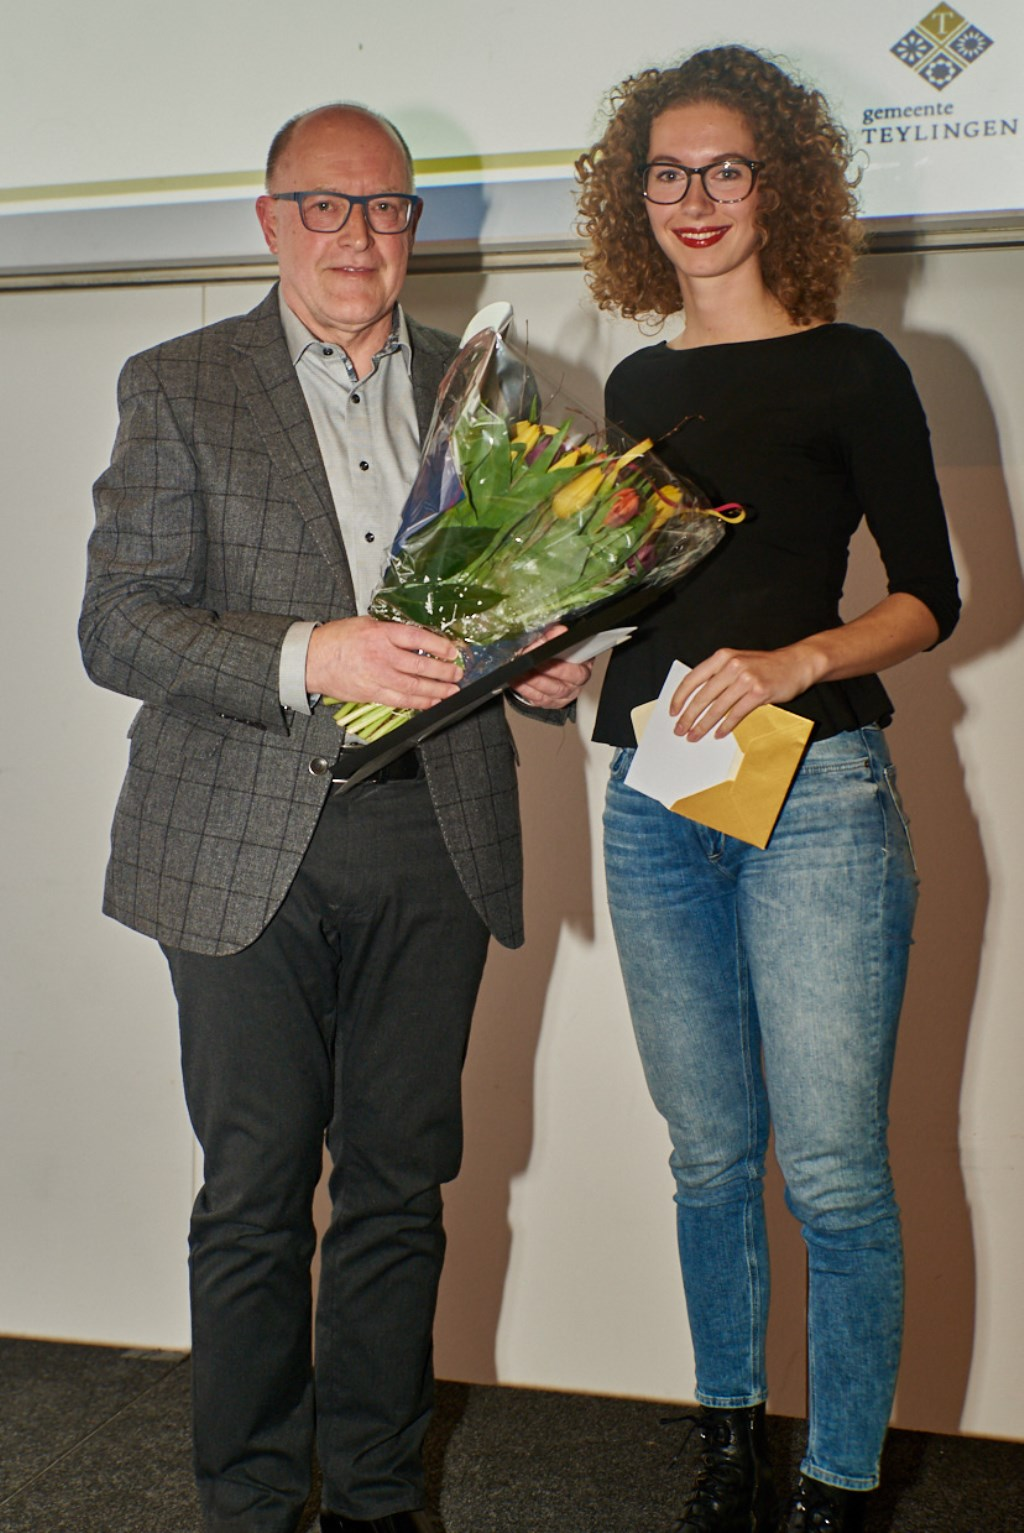 Jan Randsdorp van de Warmondse IJsclub krijgt de Sportbegeleidersprijs uitgereikt door Lisa van der Geest. | Foto: pr./René van Dam Foto: pr./René van Dam © uitgeverij Verhagen